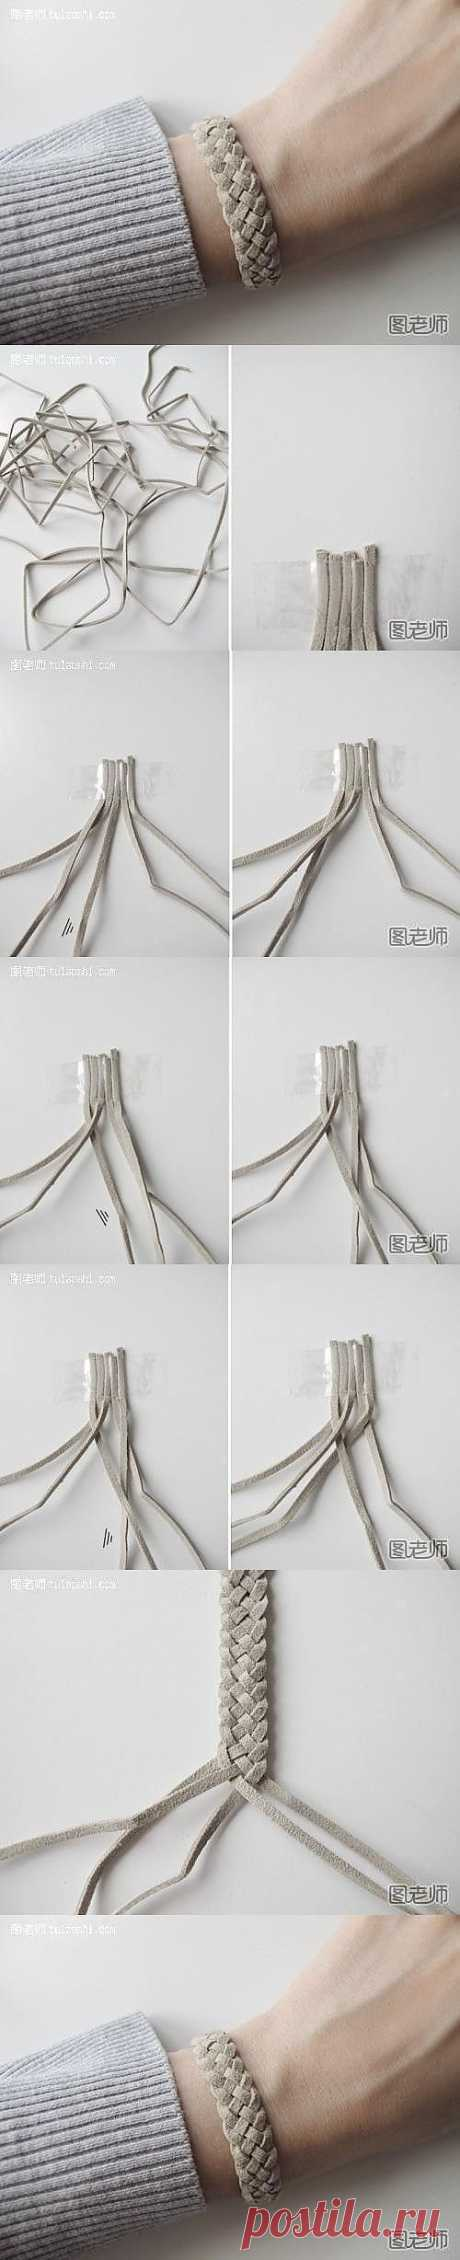 Как сделать свой уникальный браслет / / | homeLOVEly DIY